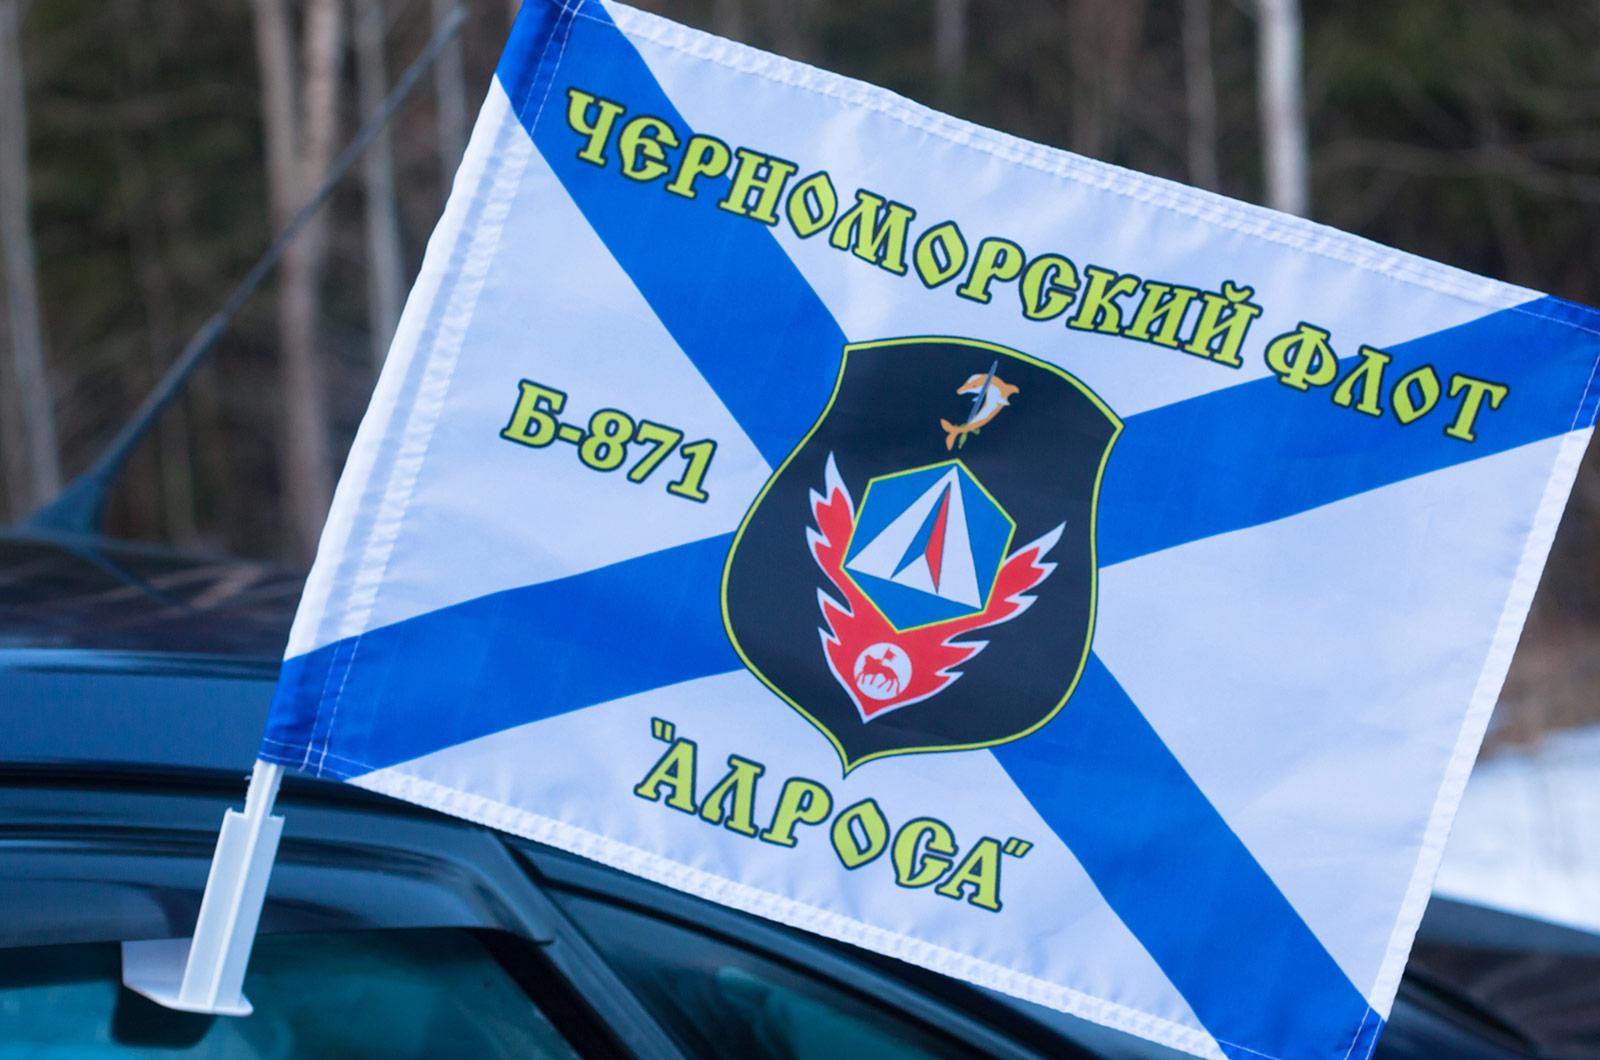 Купить флаг на машину Б-871 «Алроса»